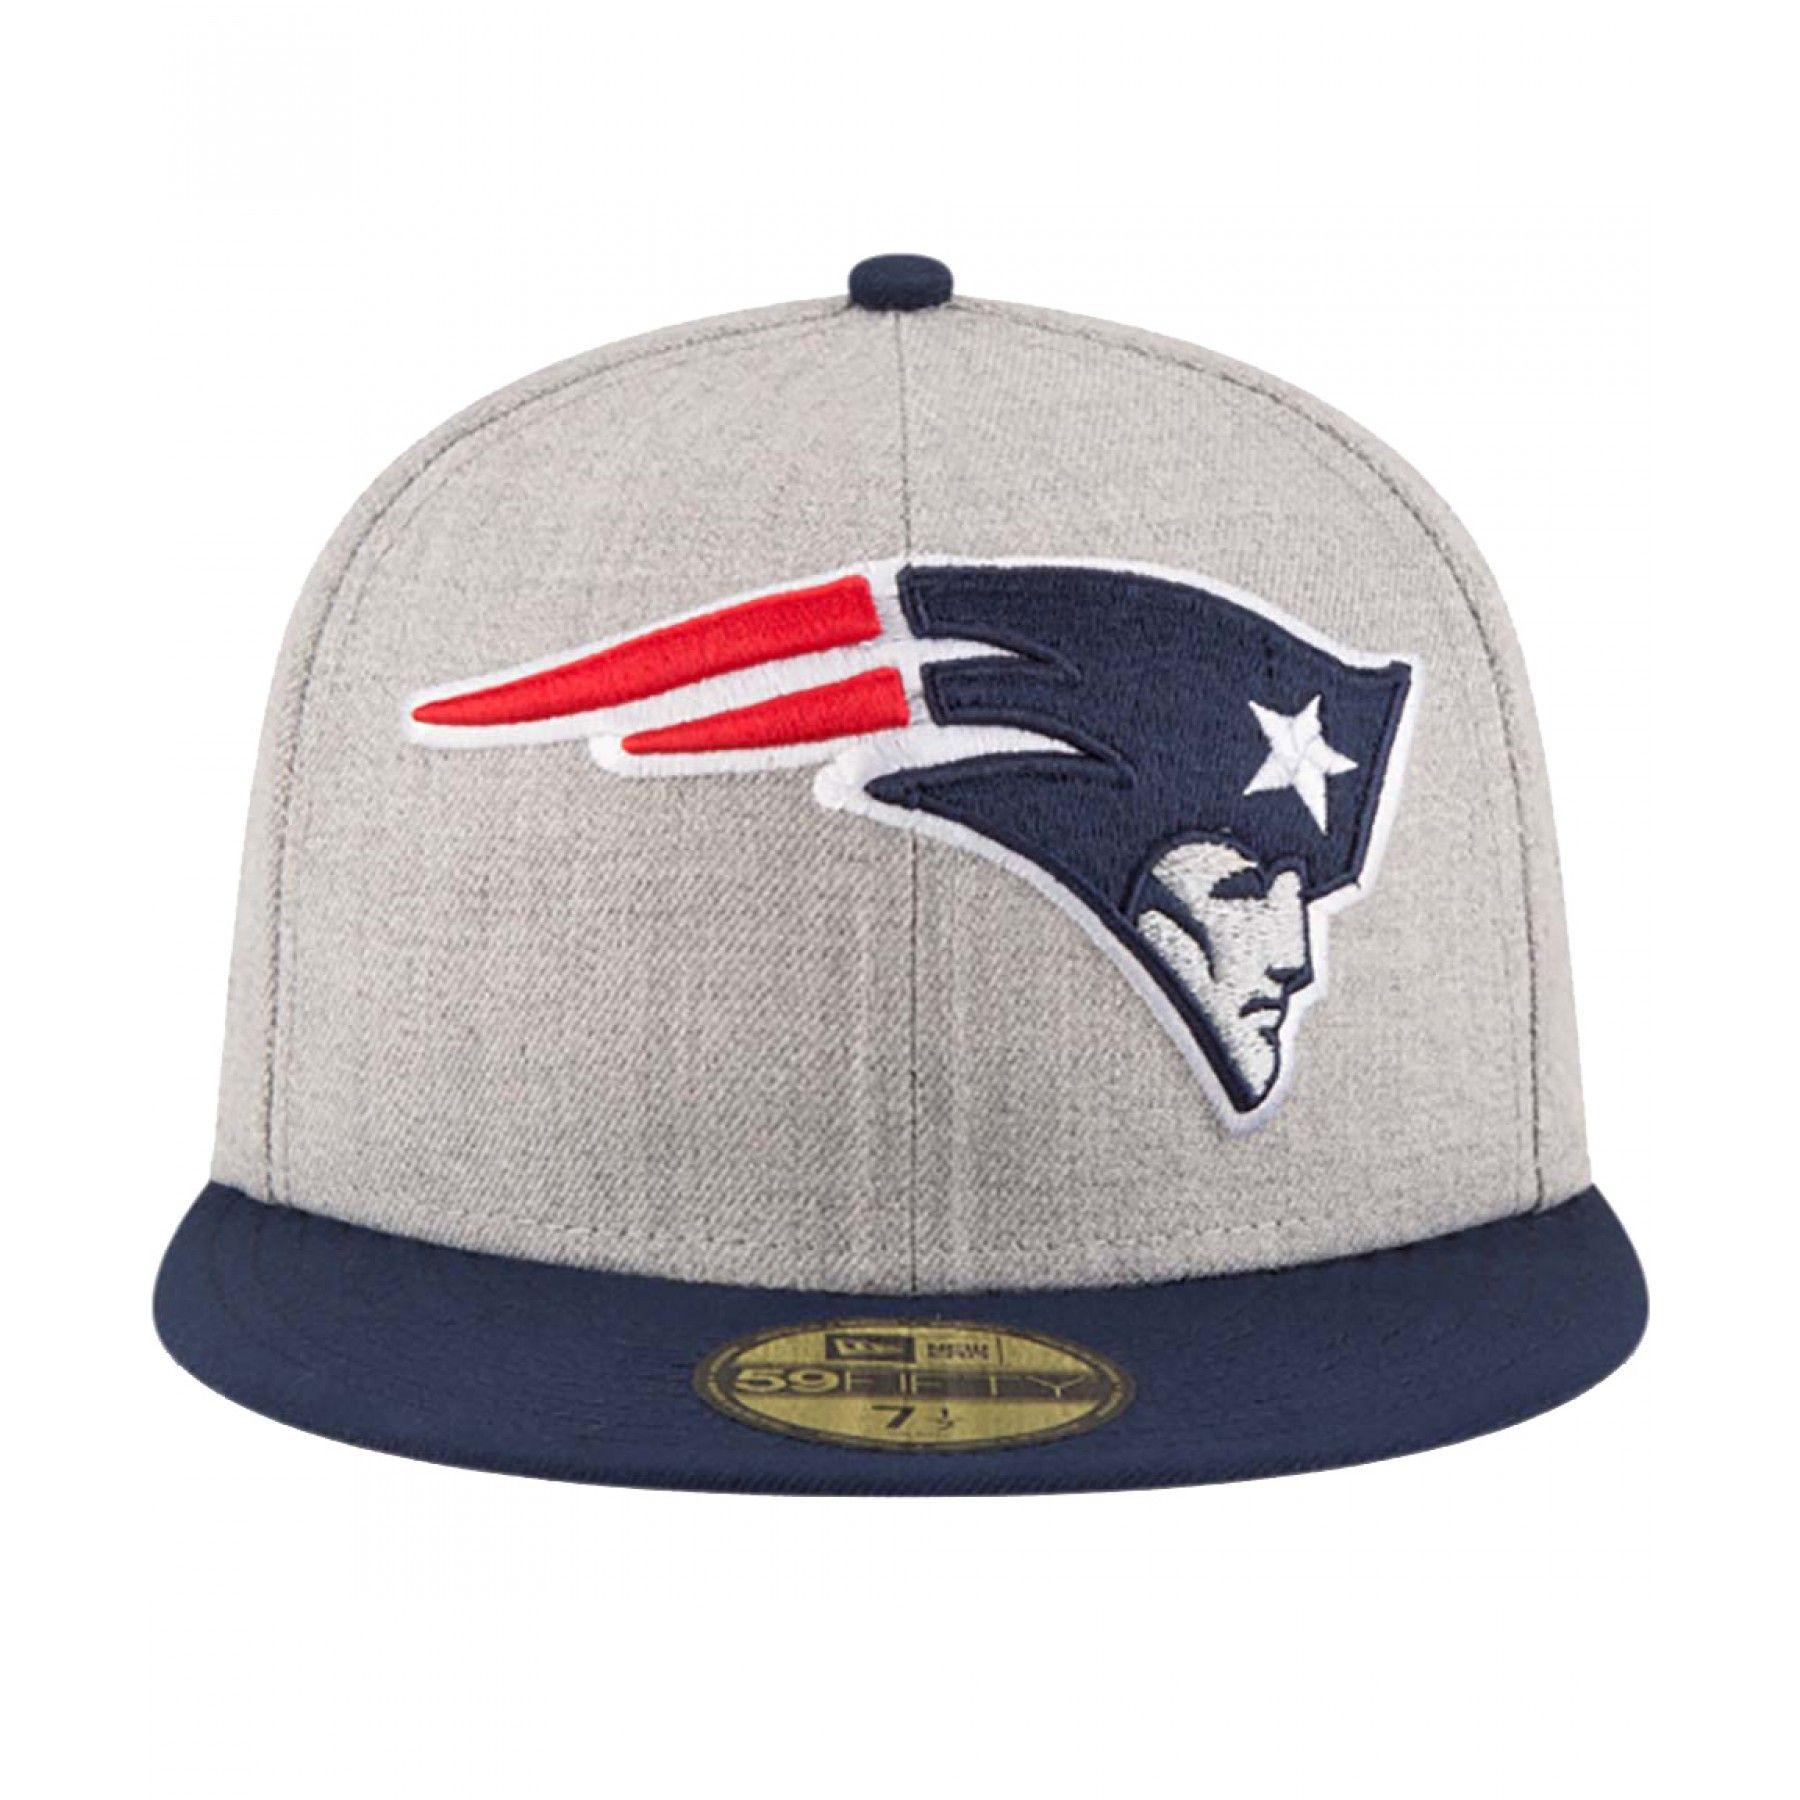 9cd6d2023122c Gorra New Era para hombre de la línea NFL en tejido de punto color gris con